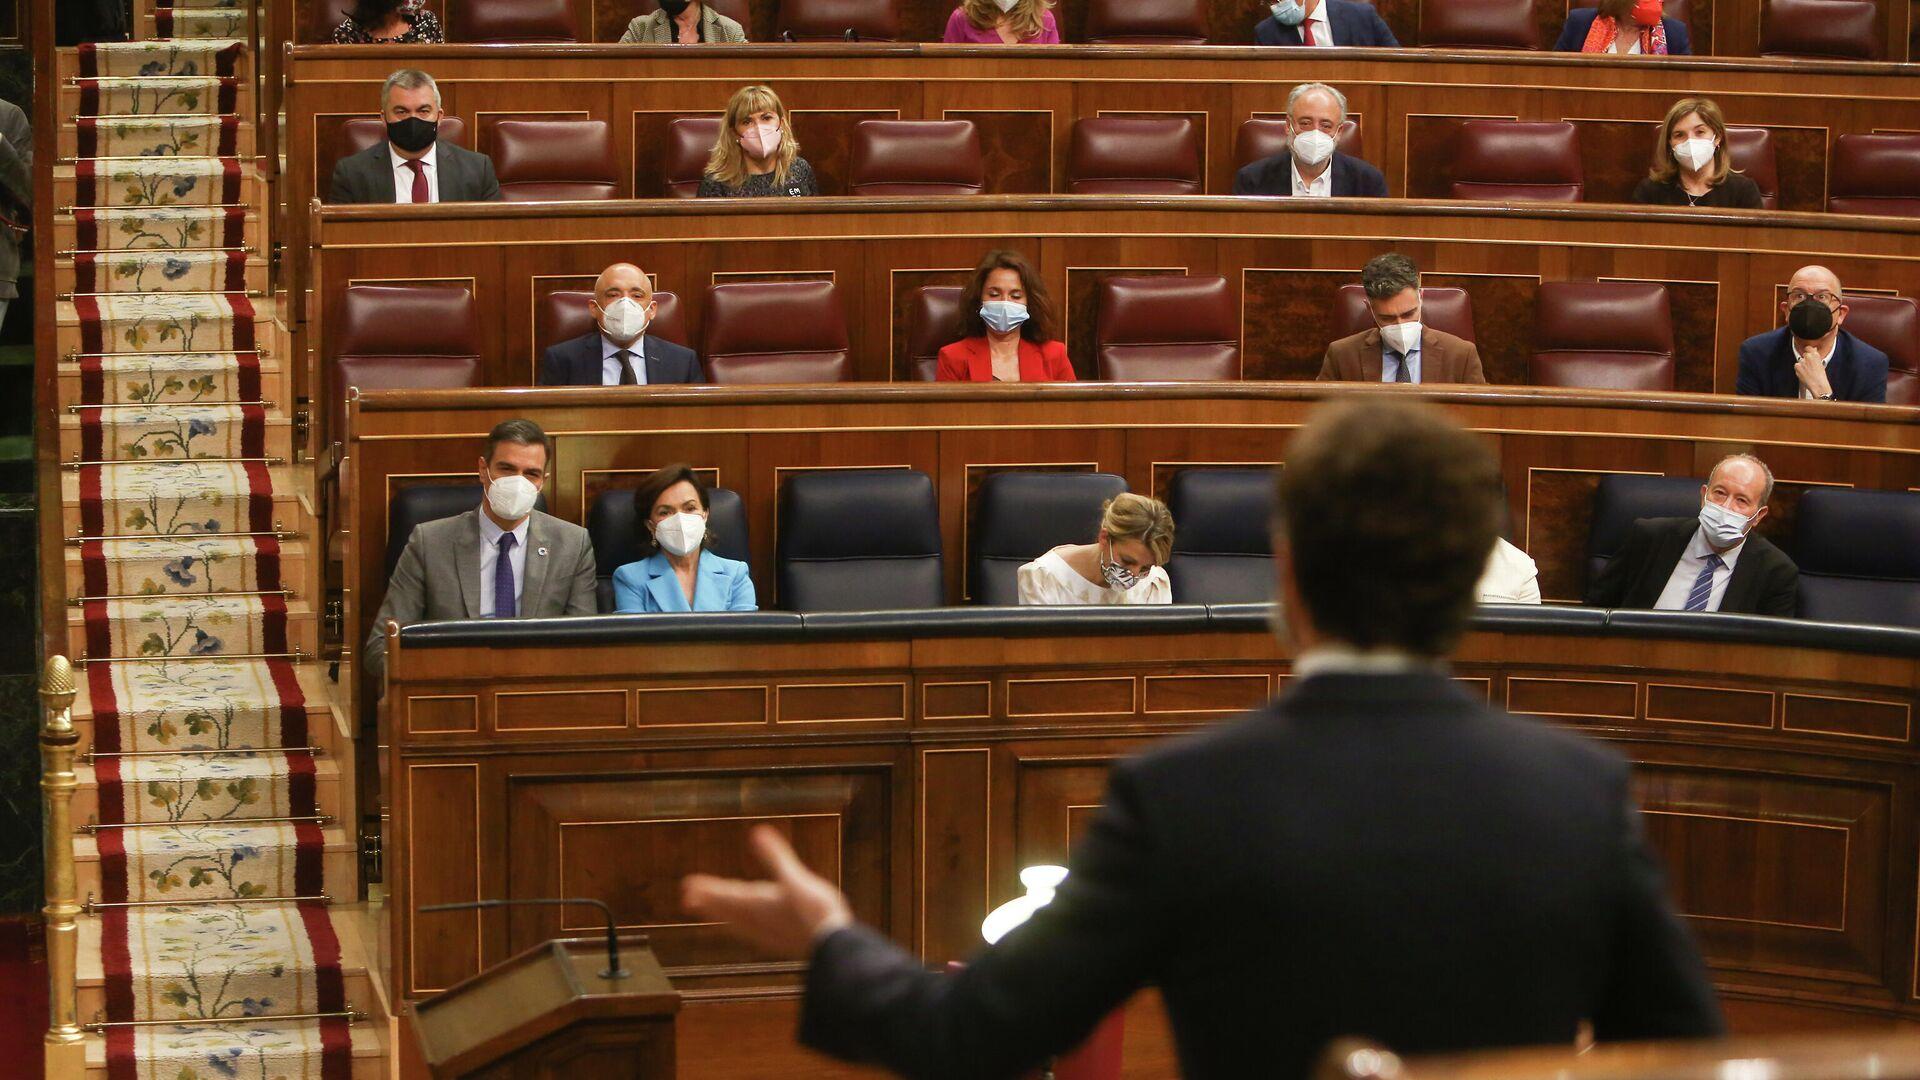 Pedro Sánchez observa a Pablo Casado durante la Sesión de Control al Gobierno en el Congreso de los Diputados - Sputnik Mundo, 1920, 23.06.2021